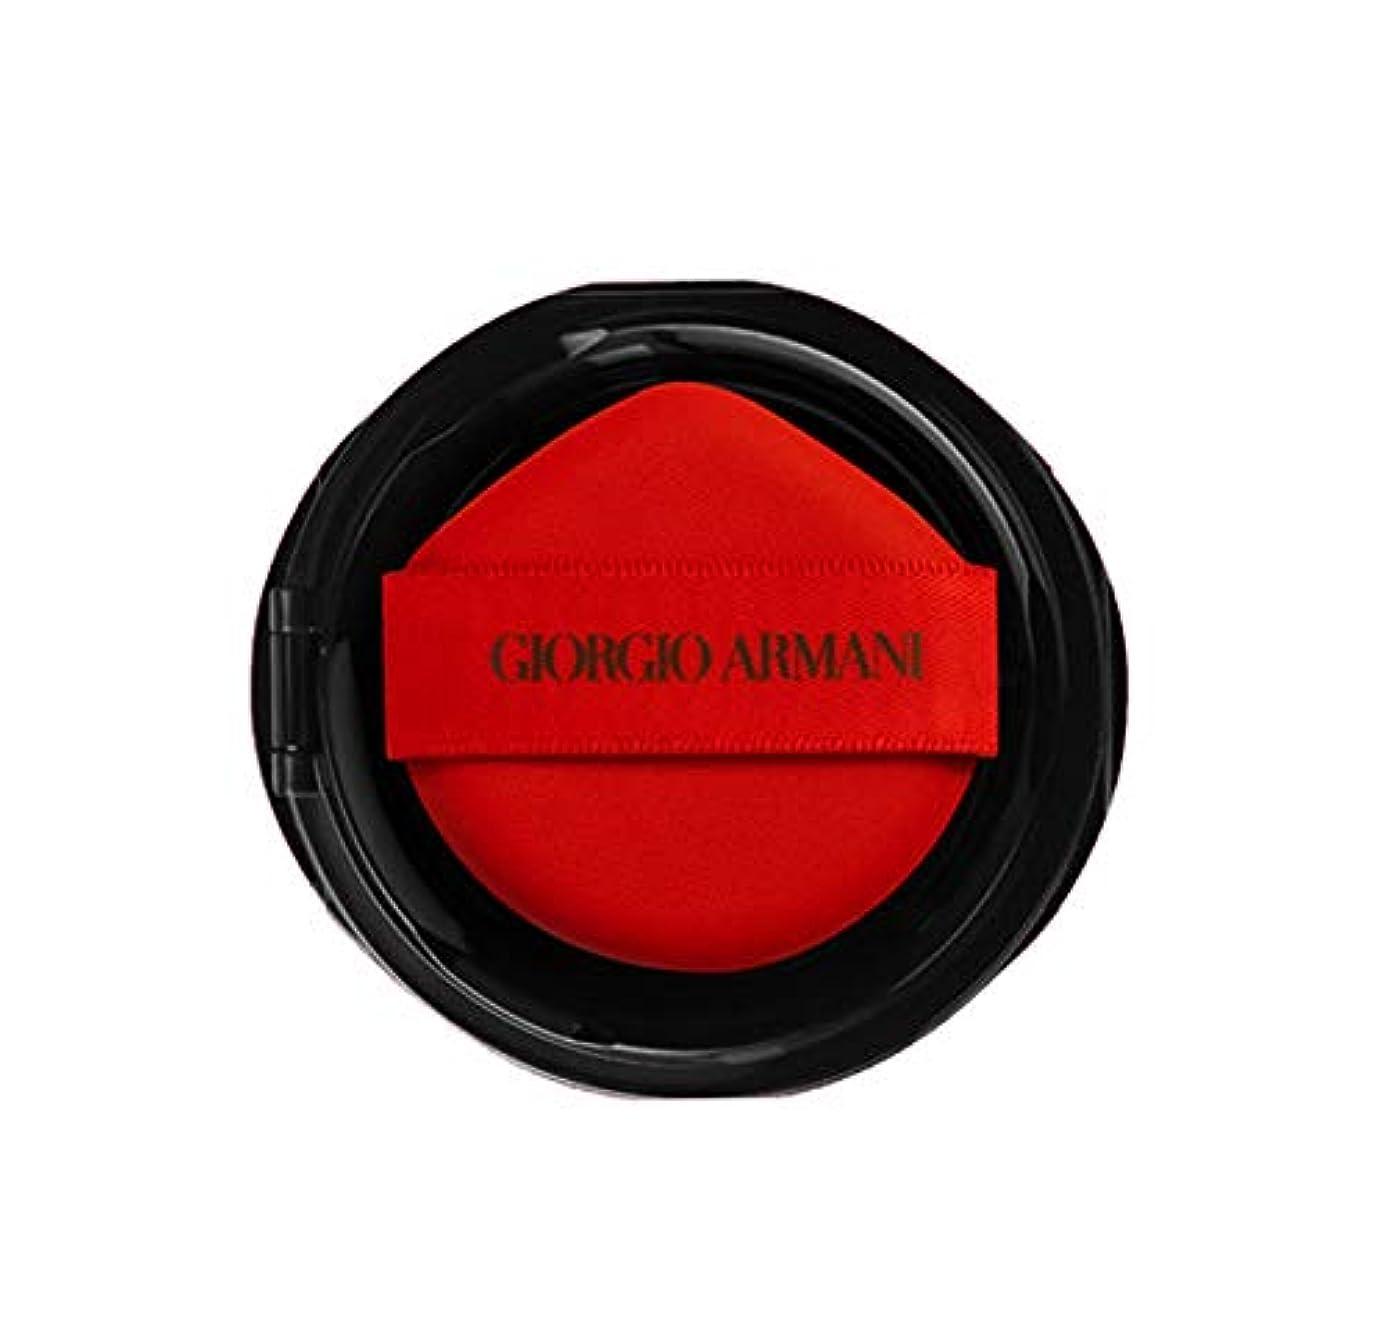 エスカレート権限セーブ【ジョルジオ アルマーニ ビューティ(Giorgio Armani Beauty)】 マイ アルマーニ トゥ ゴー クッション(レフィル) SPF23 PA+++ 15g # 2